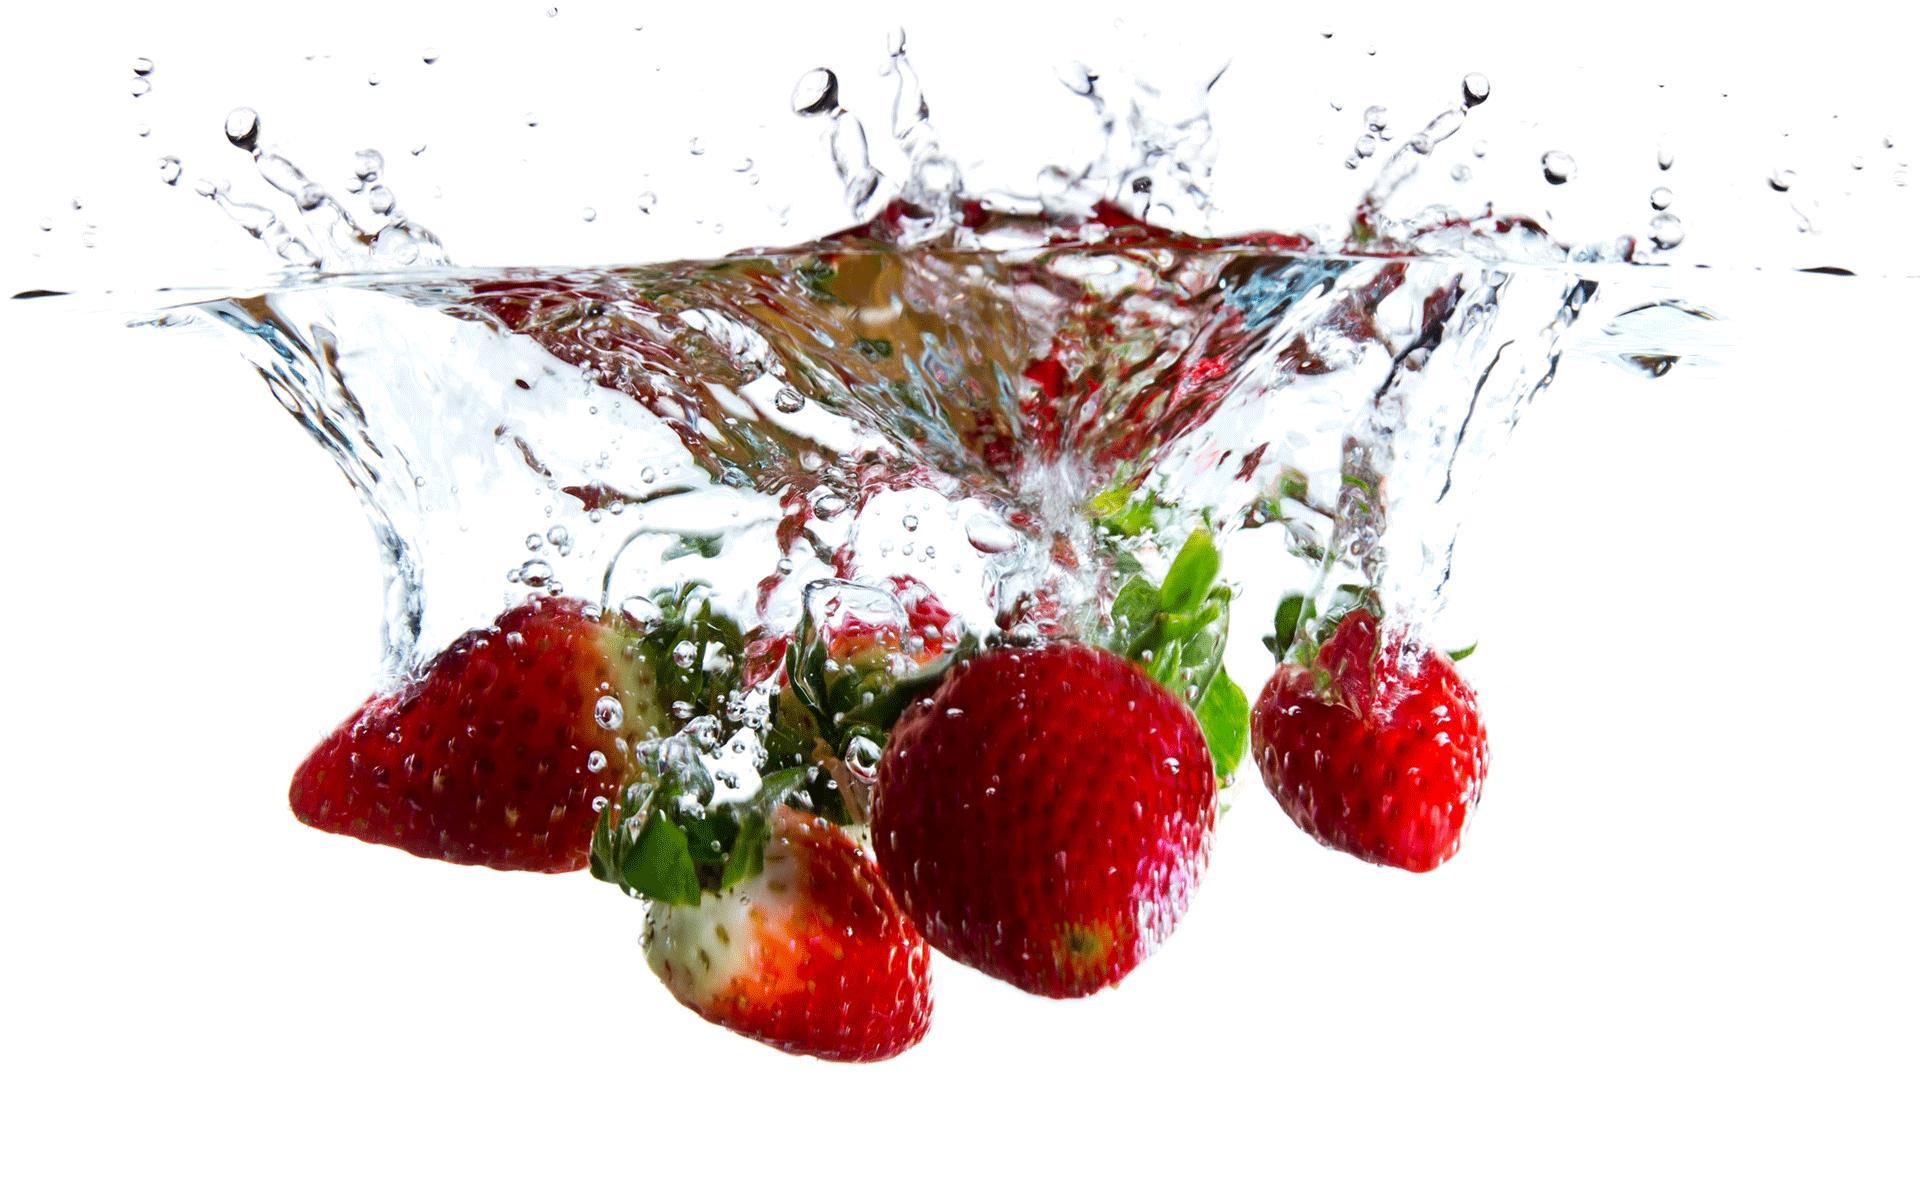 truskawki-w-wodzie